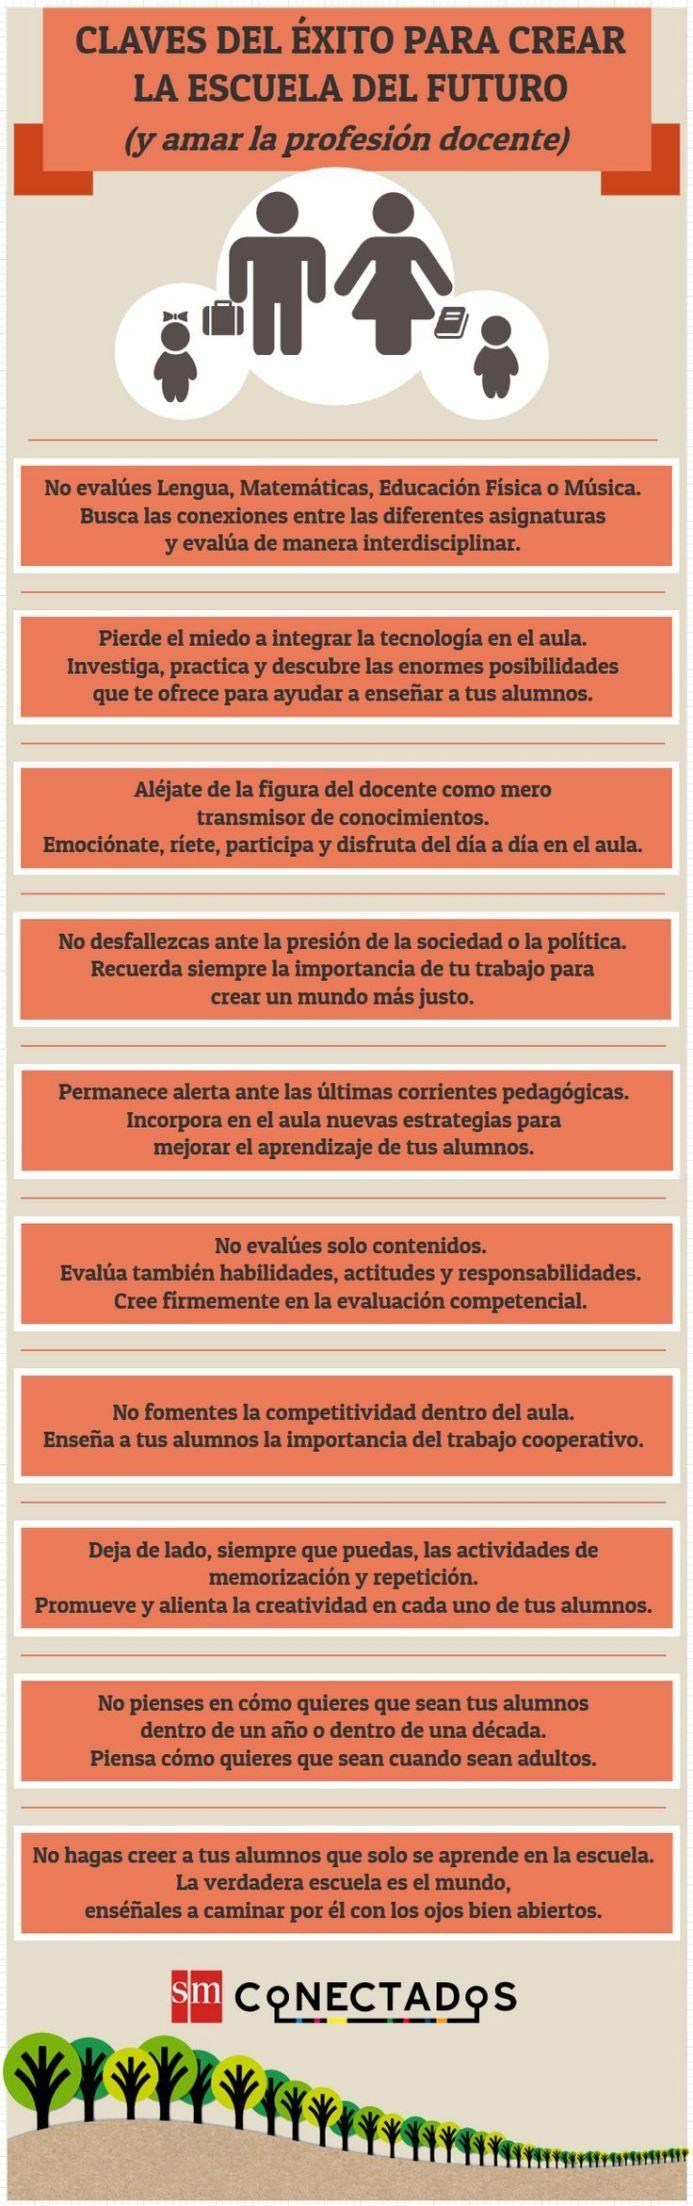 EscuelaFuturo10ClavesÉxito-Infografía-BlogGesvin